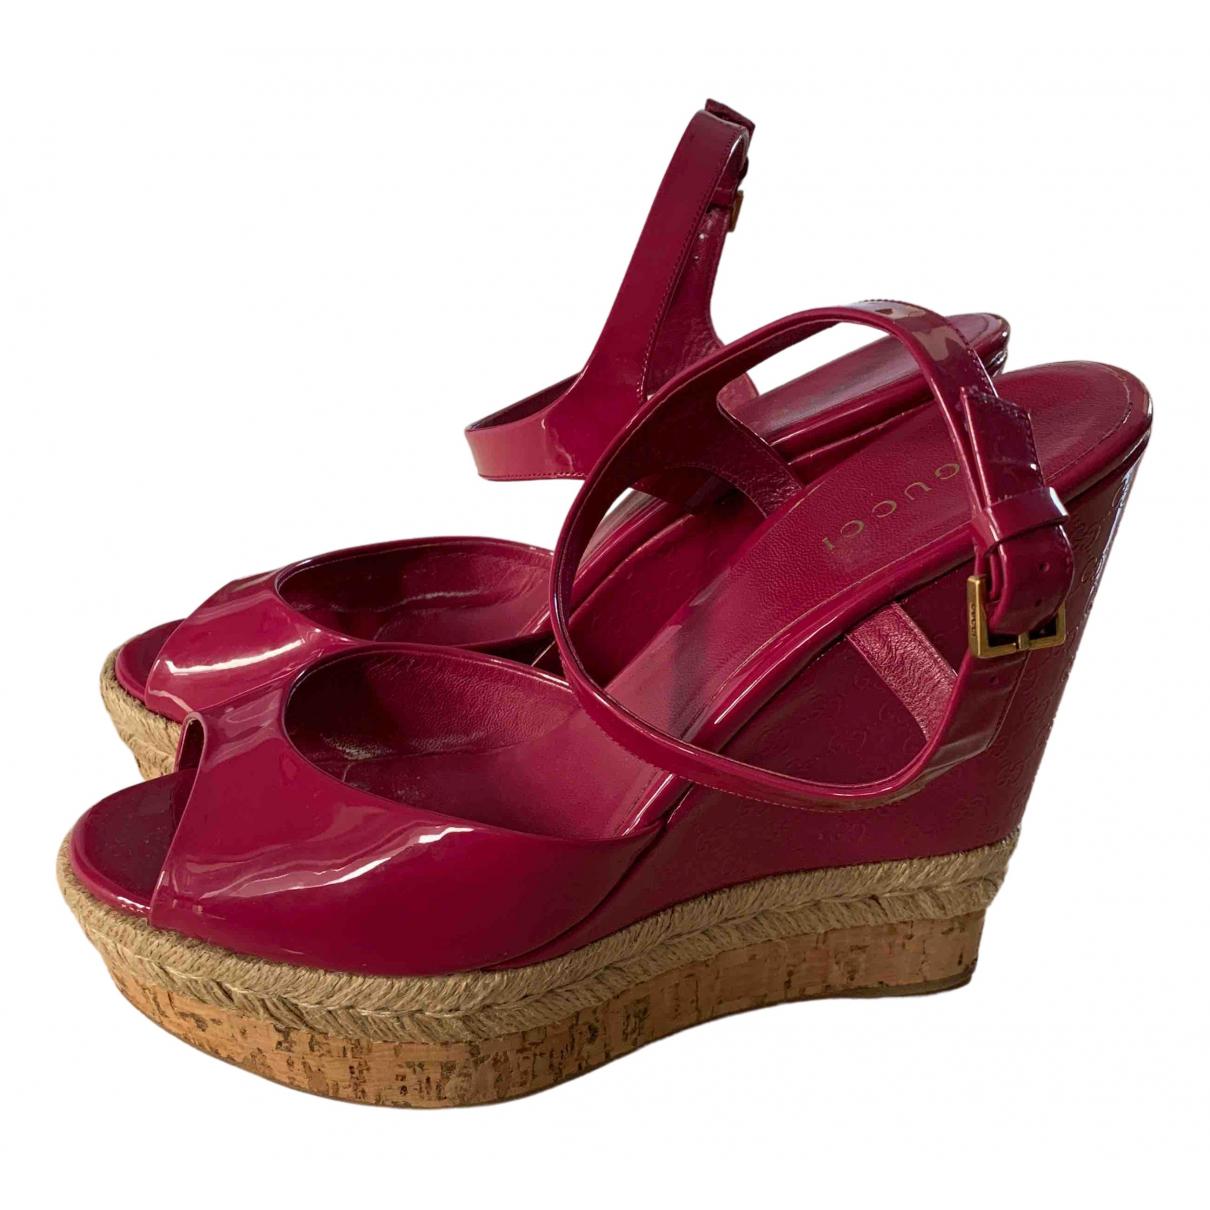 Gucci - Sandales   pour femme en cuir verni - rose